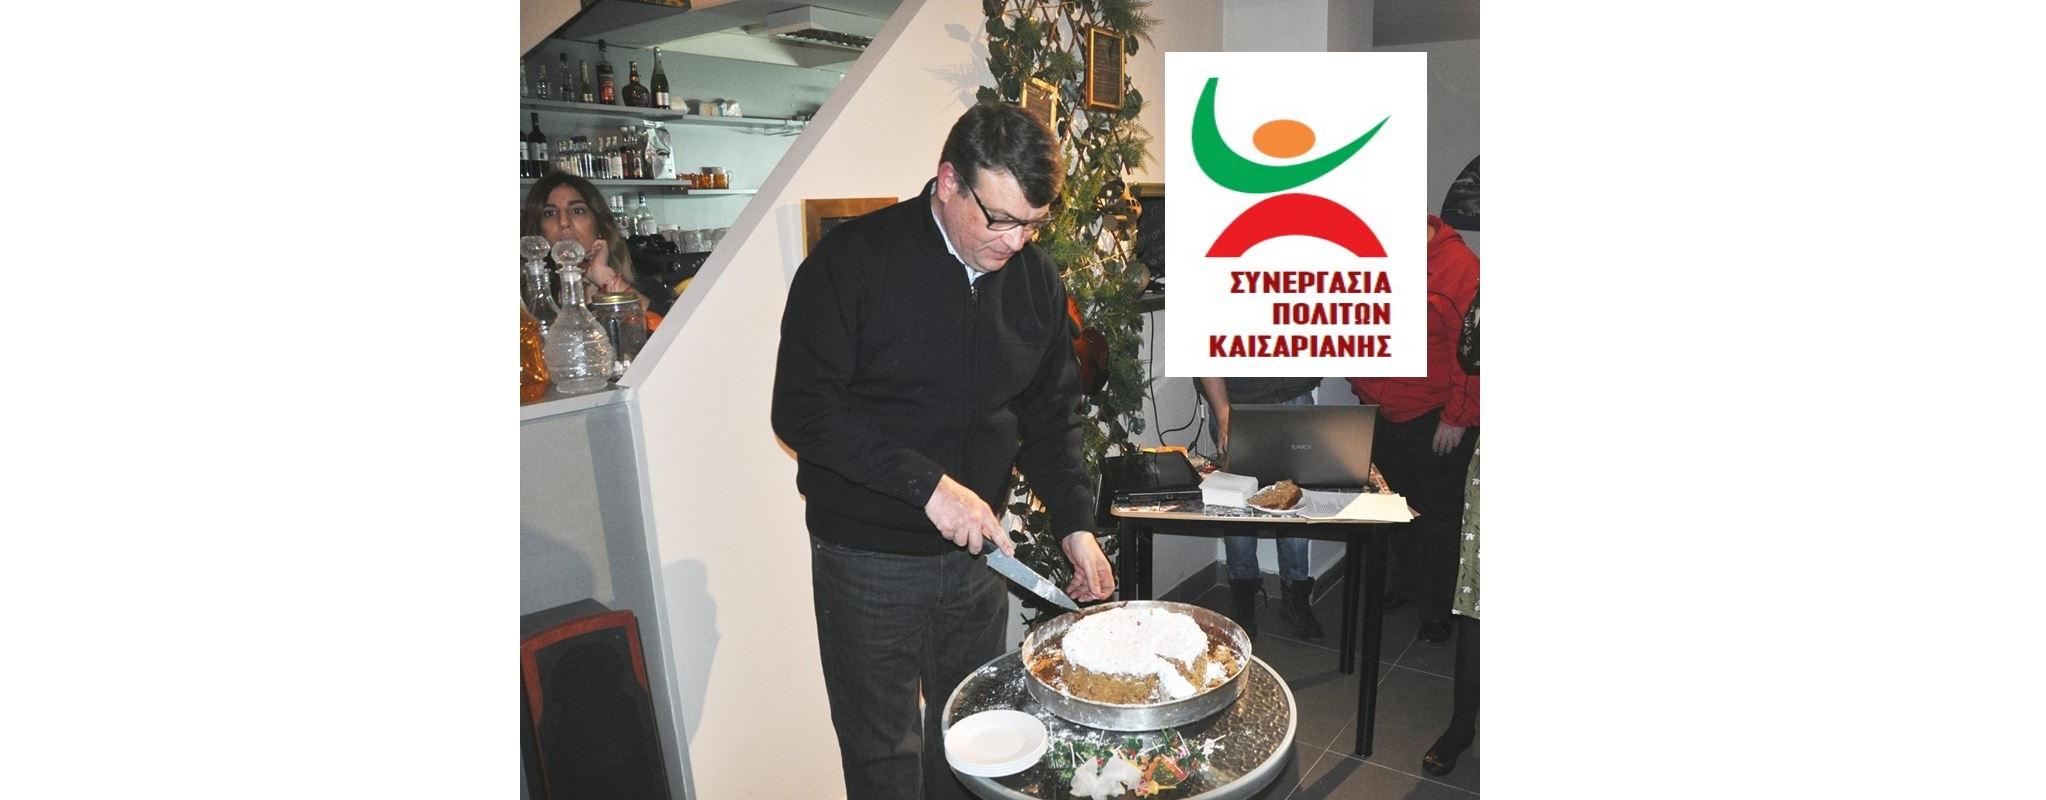 ΣΥΝΕΡΓΑΣΙΑ ΠΟΛΙΤΩΝ ΚΑΙΣΑΡΙΑΝΗΣ: Η πίτα του Γ. Κοντόσταυλου